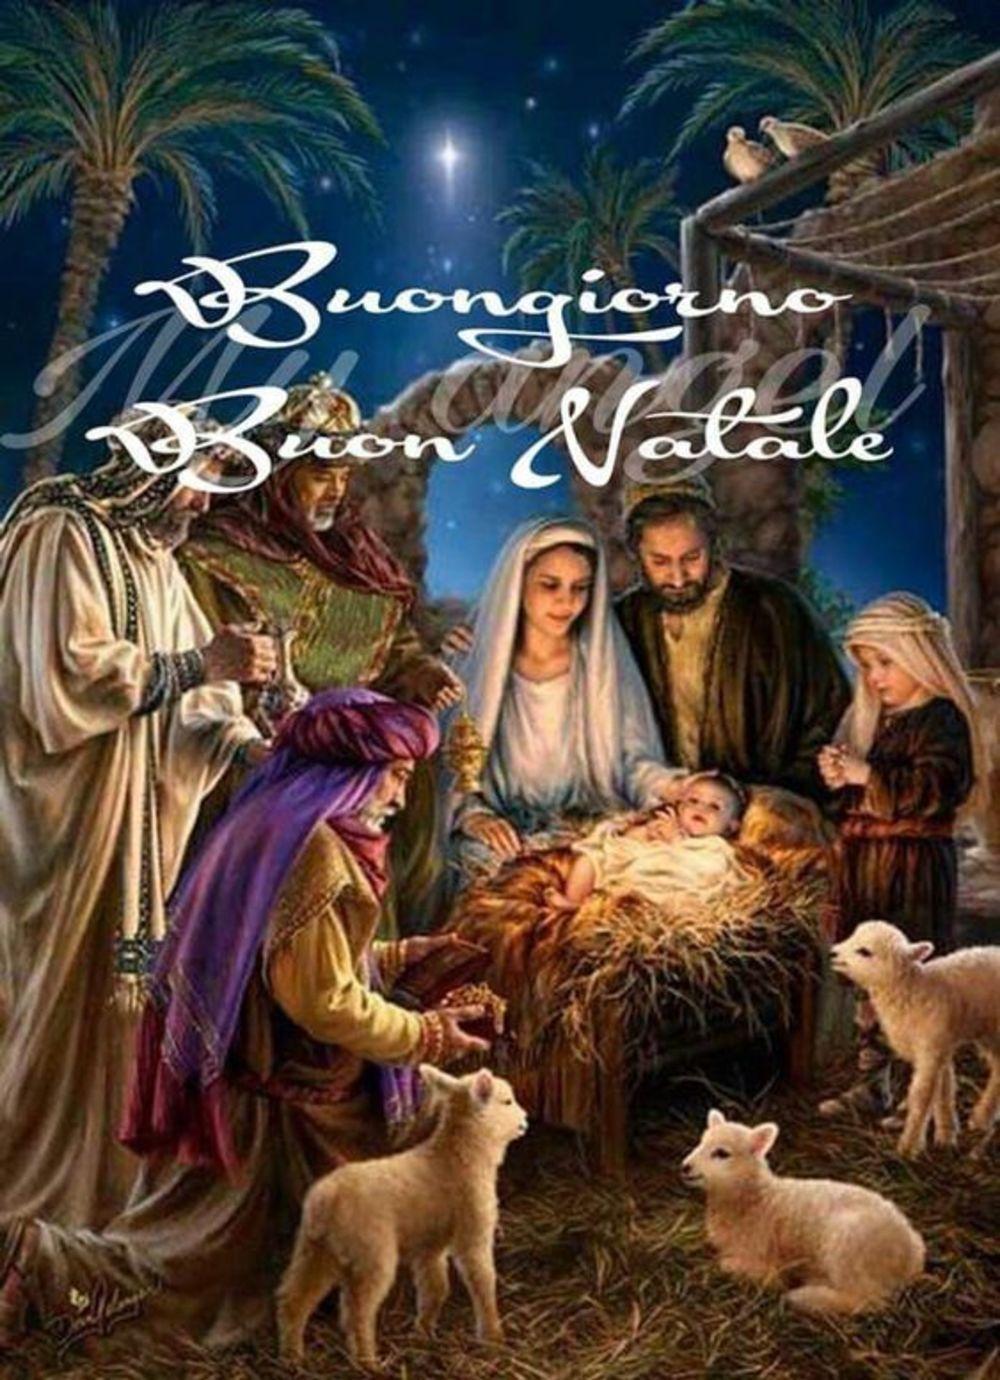 Immagini Sacre Di Buon Natale.Buongiorno Buon Natale Immagini Sacre Gesutiama It